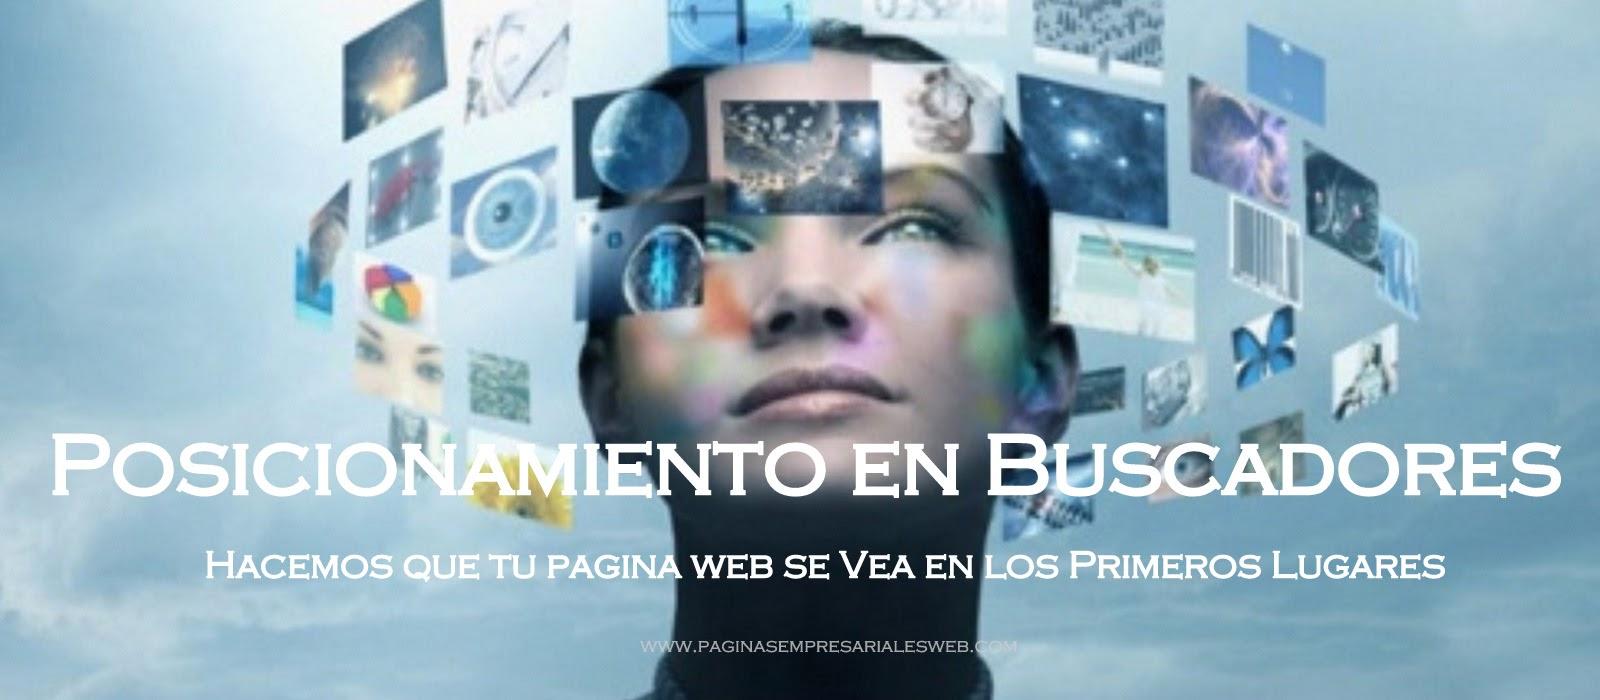 http://www.desing-hosting-dominio.paginasempresarialesweb.com/p/registro-dominios-ecuador.html